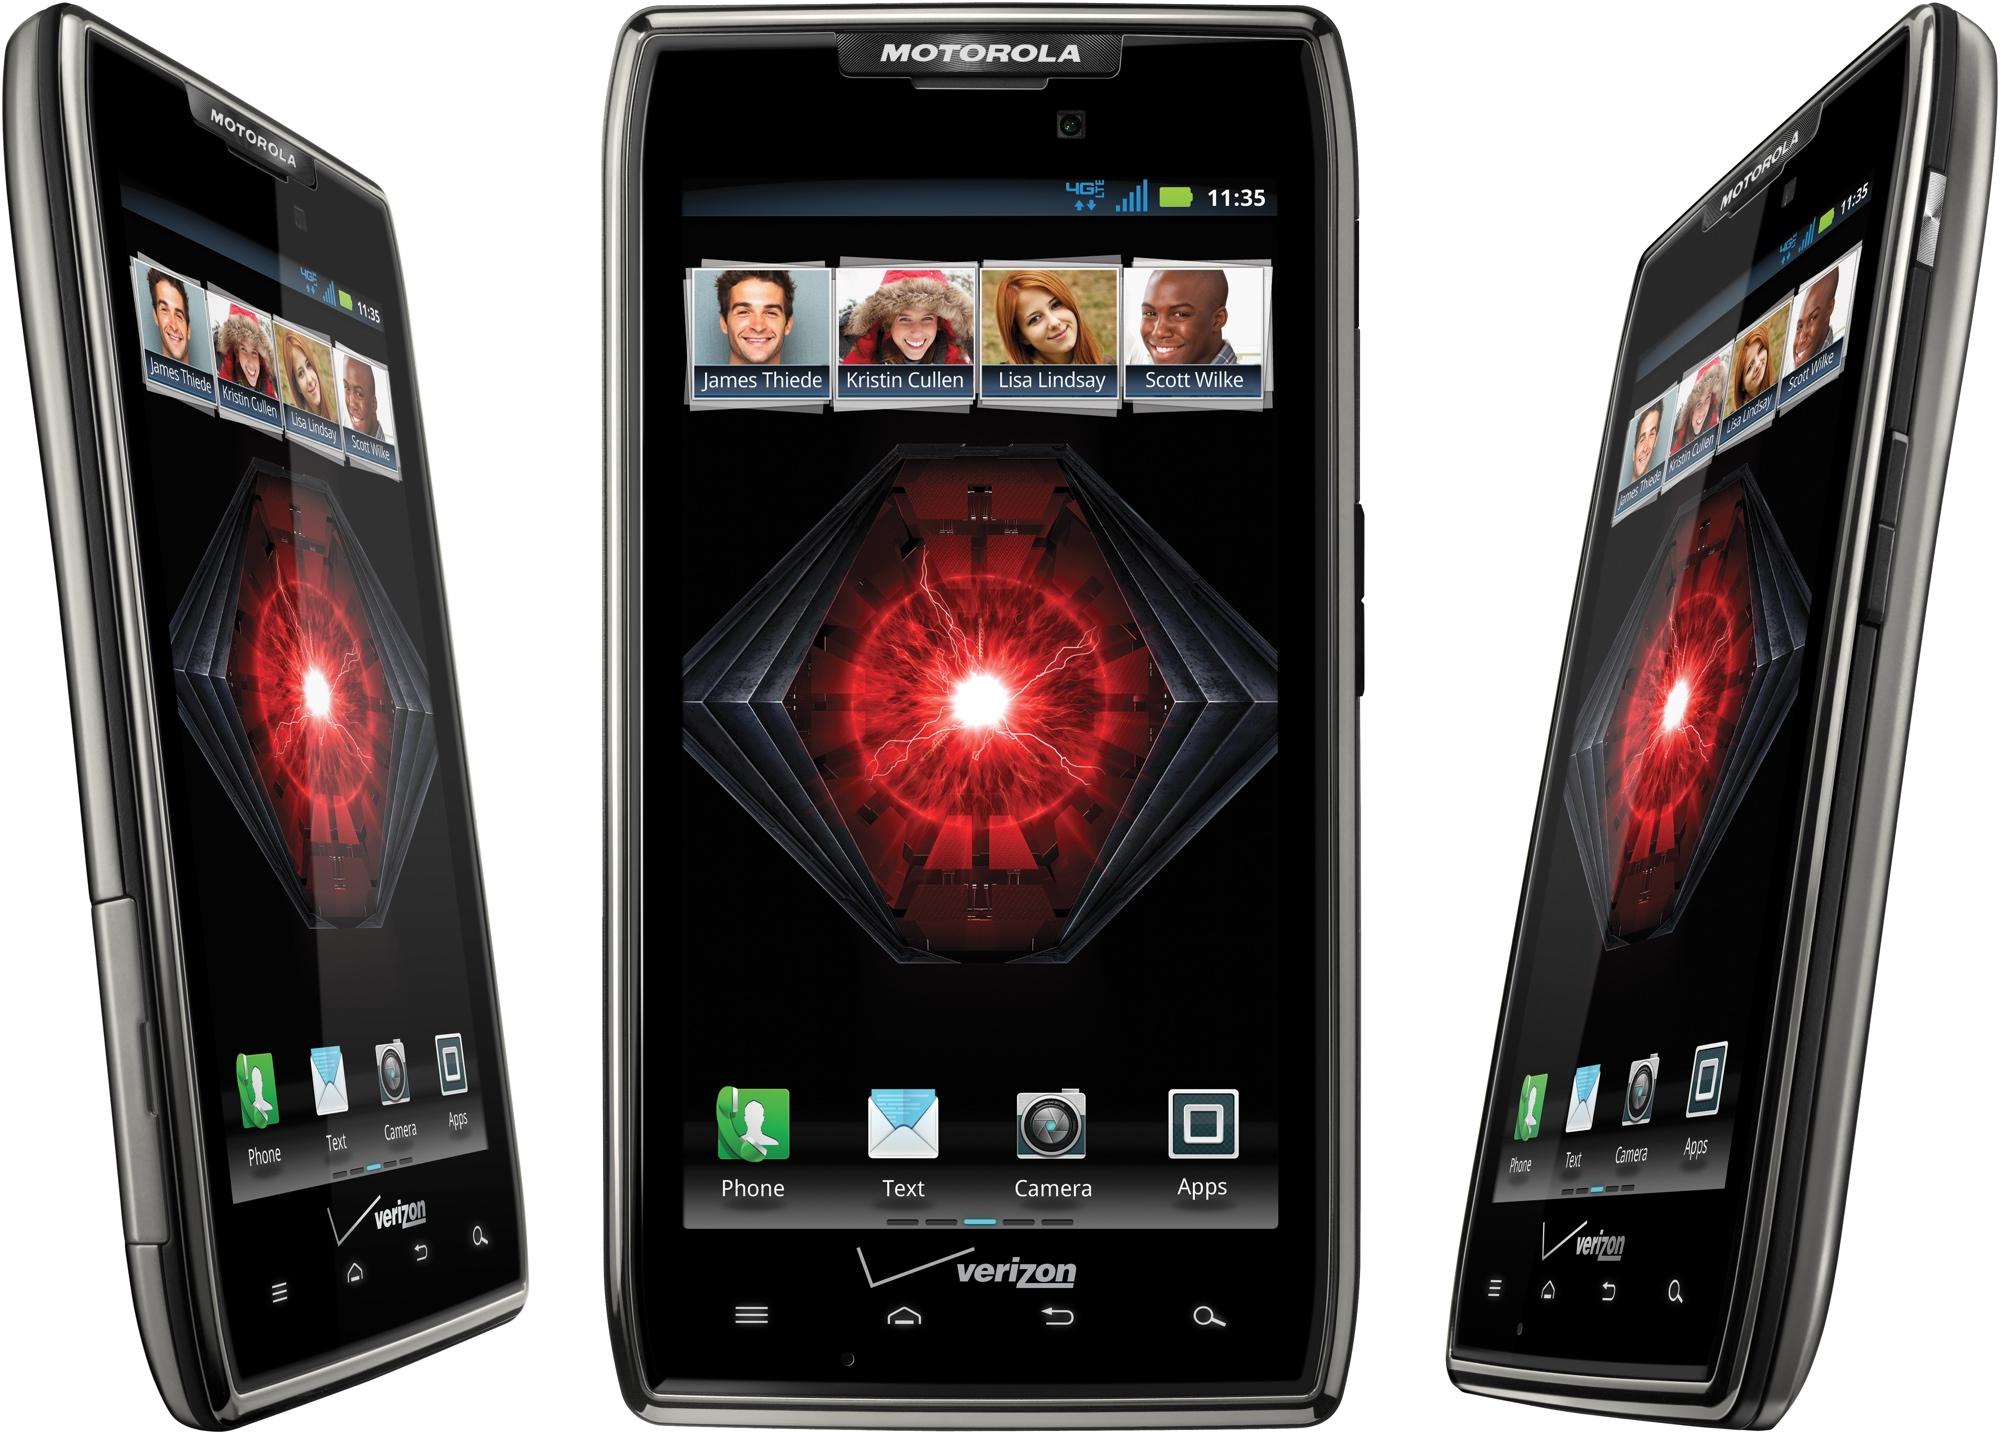 ofertas ms baratas para el Motorola RAZR MAXX   Todas las Ofertas 2000x1433